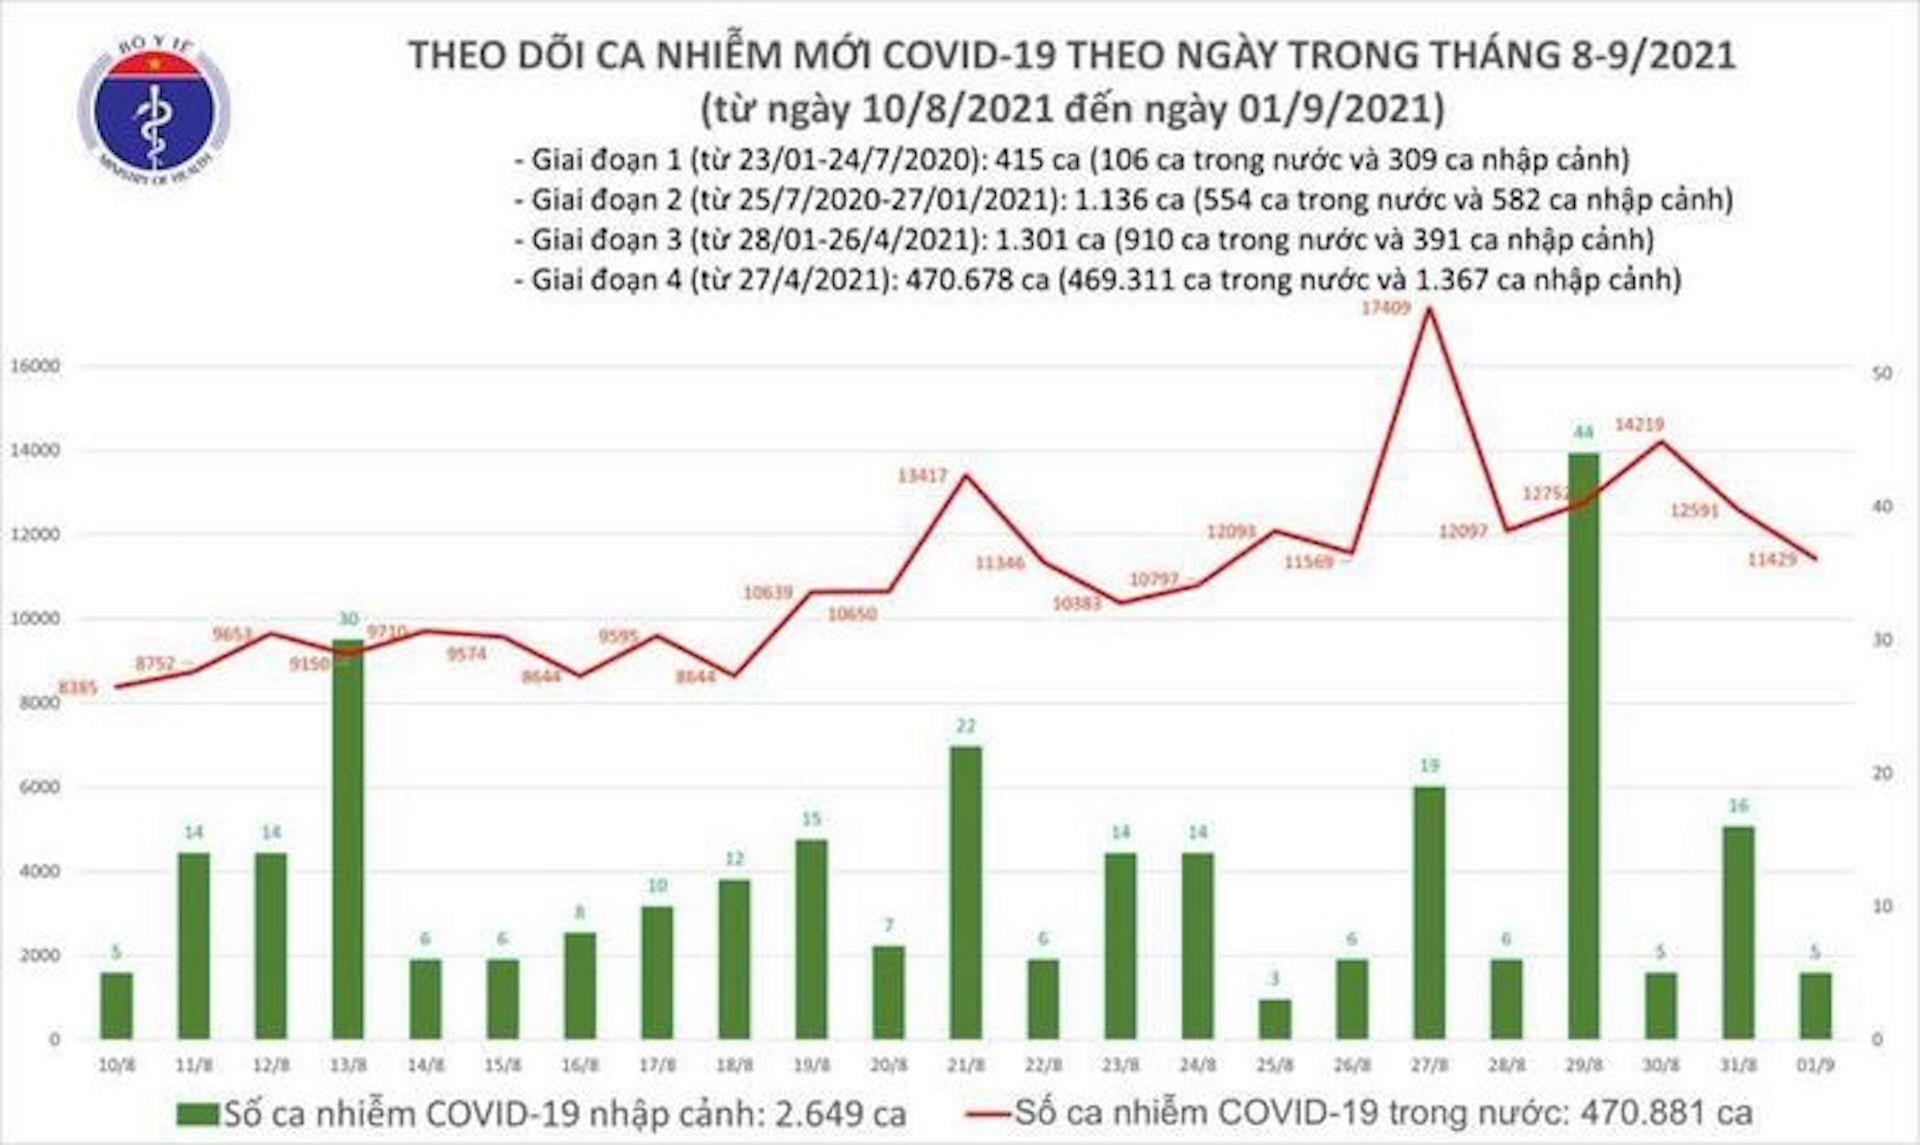 Thêm 11.434 ca COVID-19 mới, Bình Dương giảm hơn 1.000 ca - 1